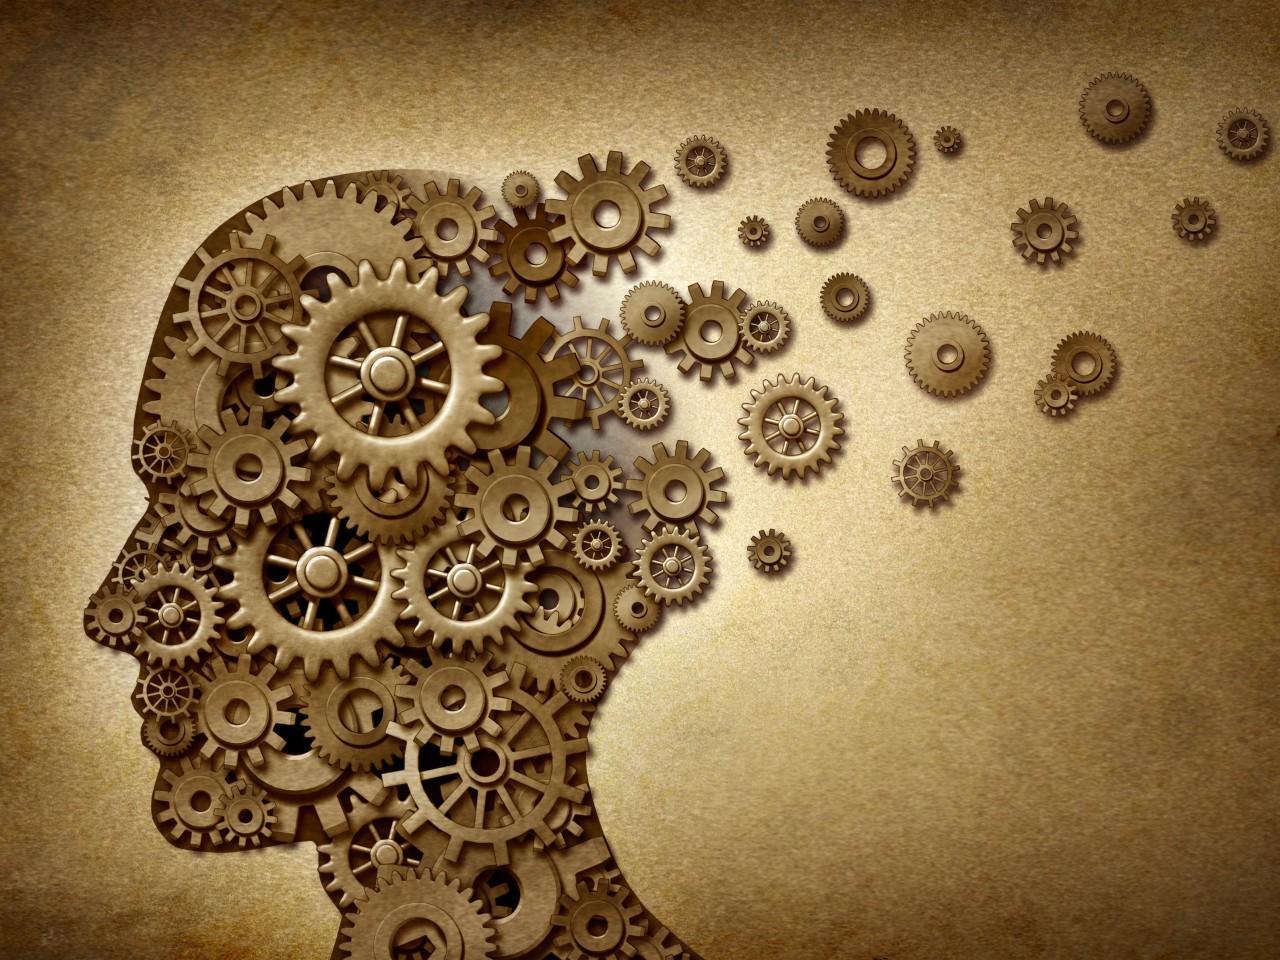 Wat doet een psycholoog?